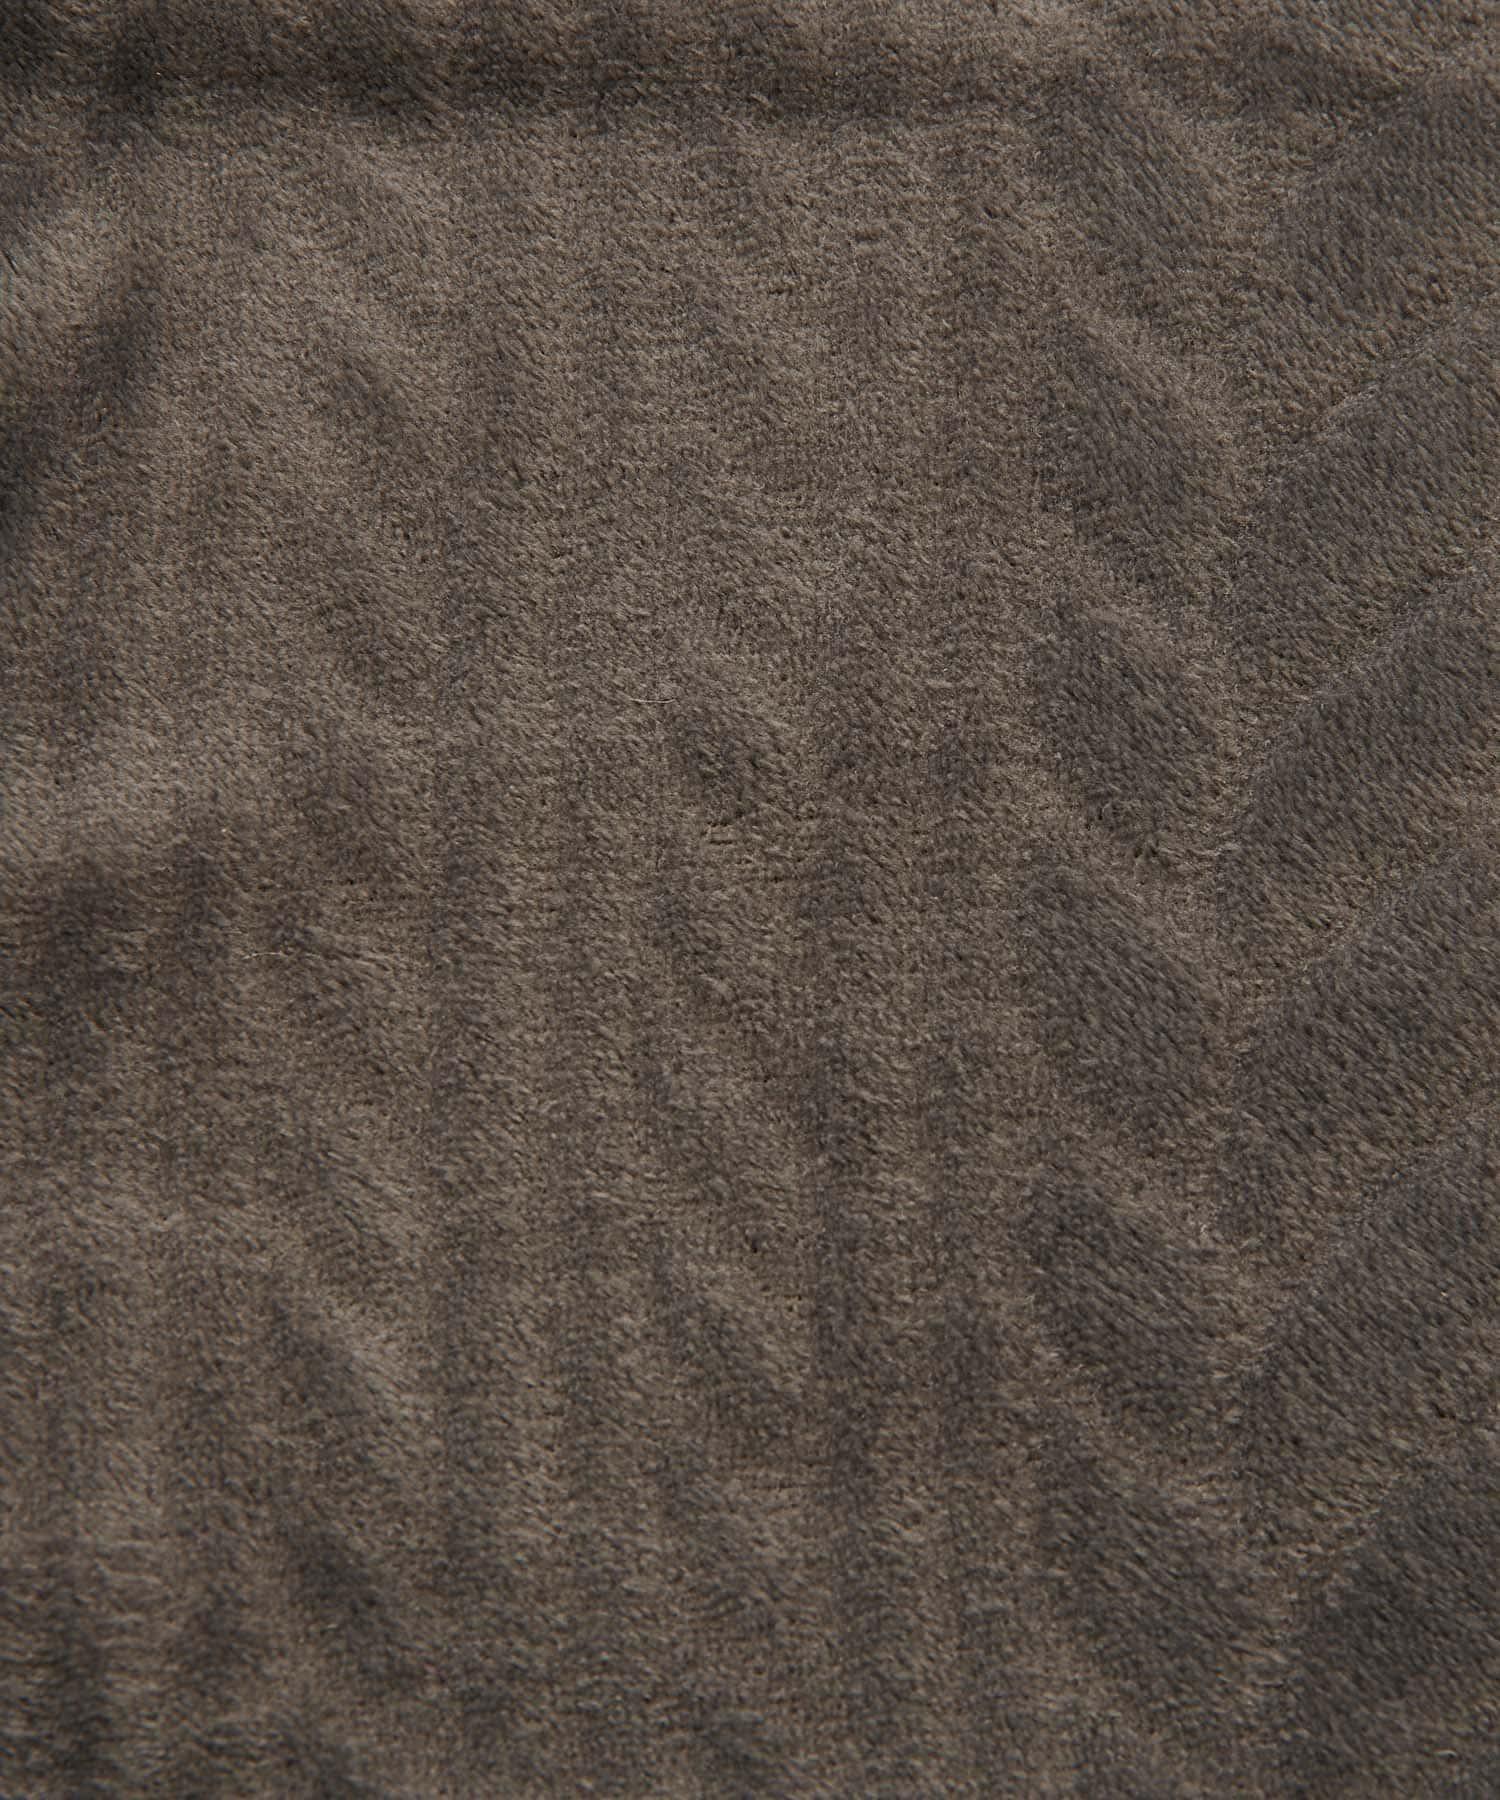 TERRITOIRE(テリトワール) ふんわりシャーリングクッションカバー